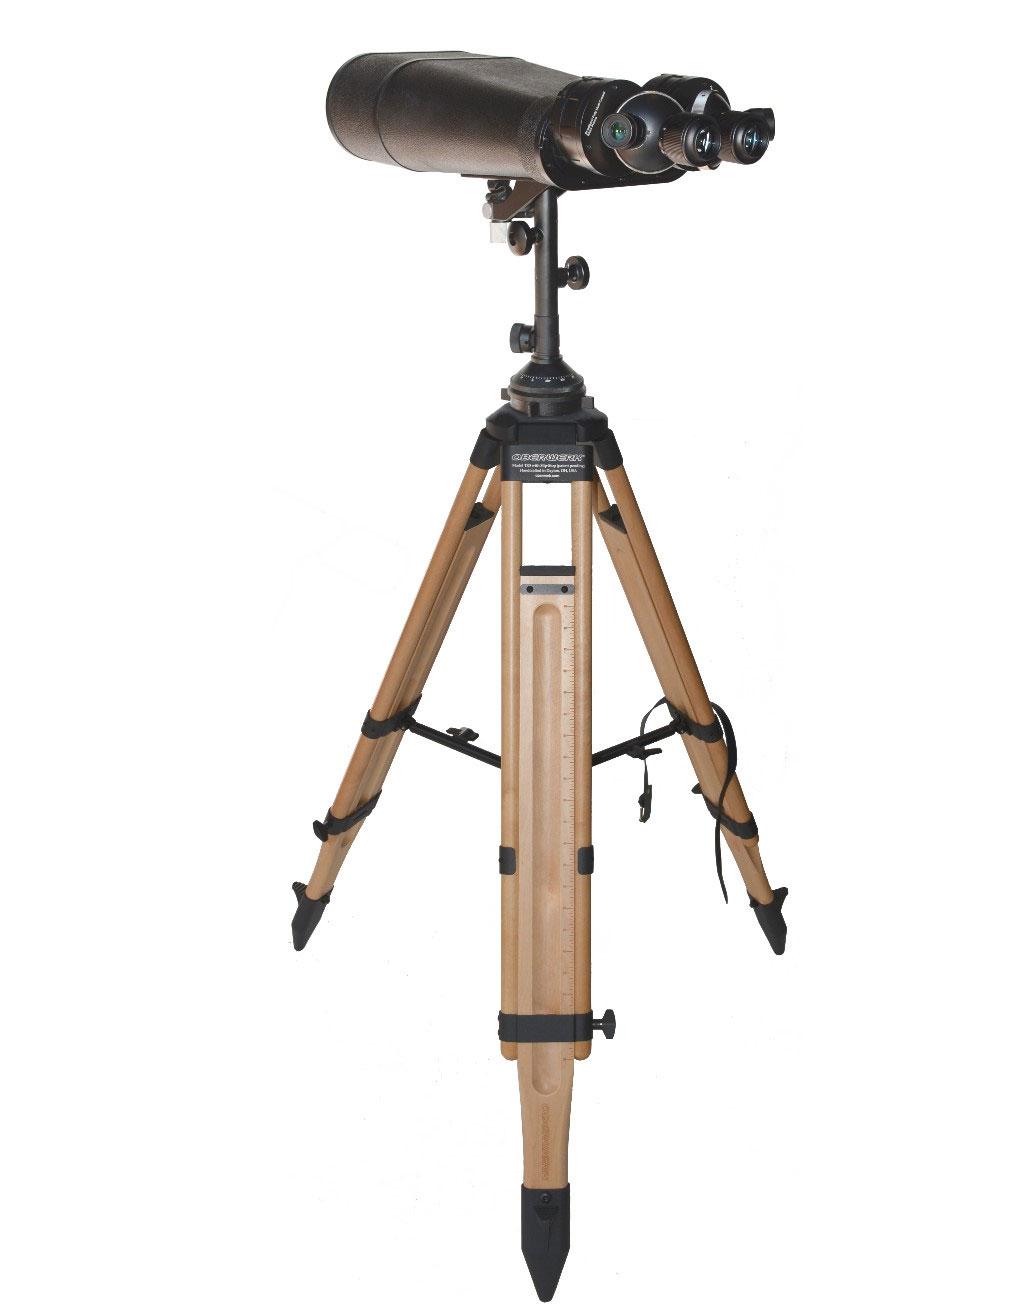 65式哨所镜SW25-40x100 远程观察望远镜